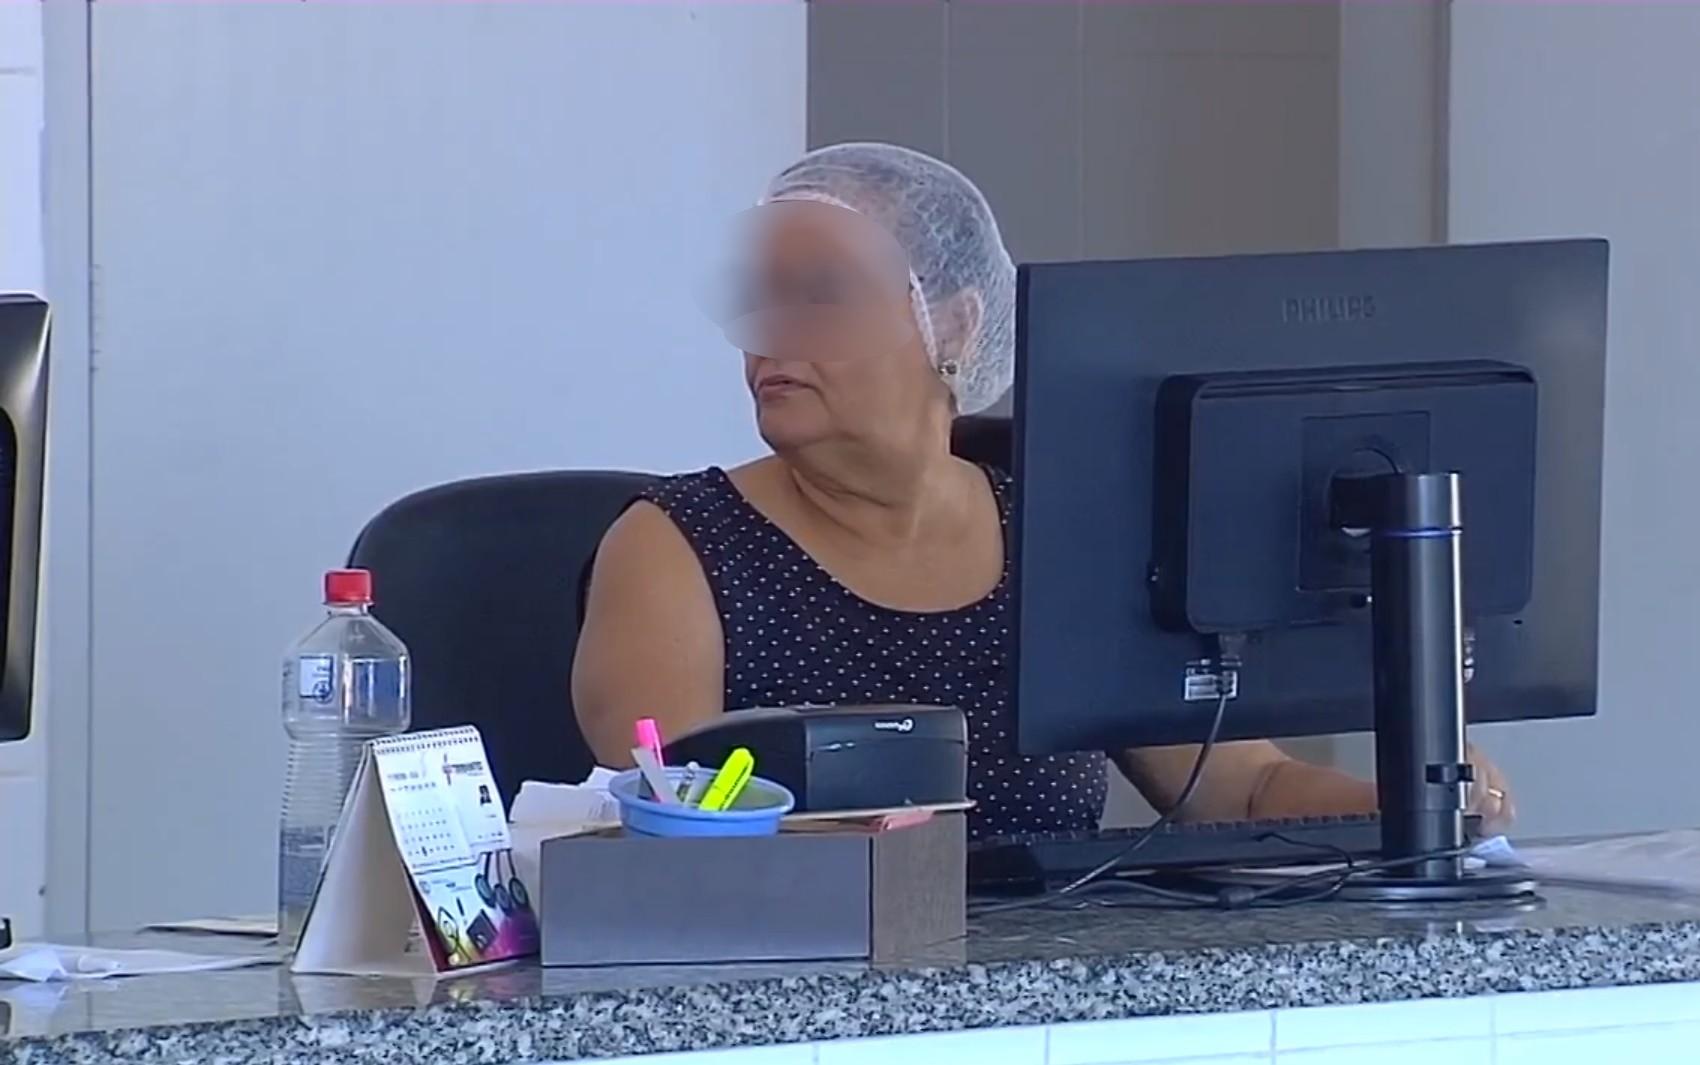 Secretaria de Saúde determina que servidores administrativos não precisam de equipamentos de proteção contra o coronavírus em Cais de Goiânia